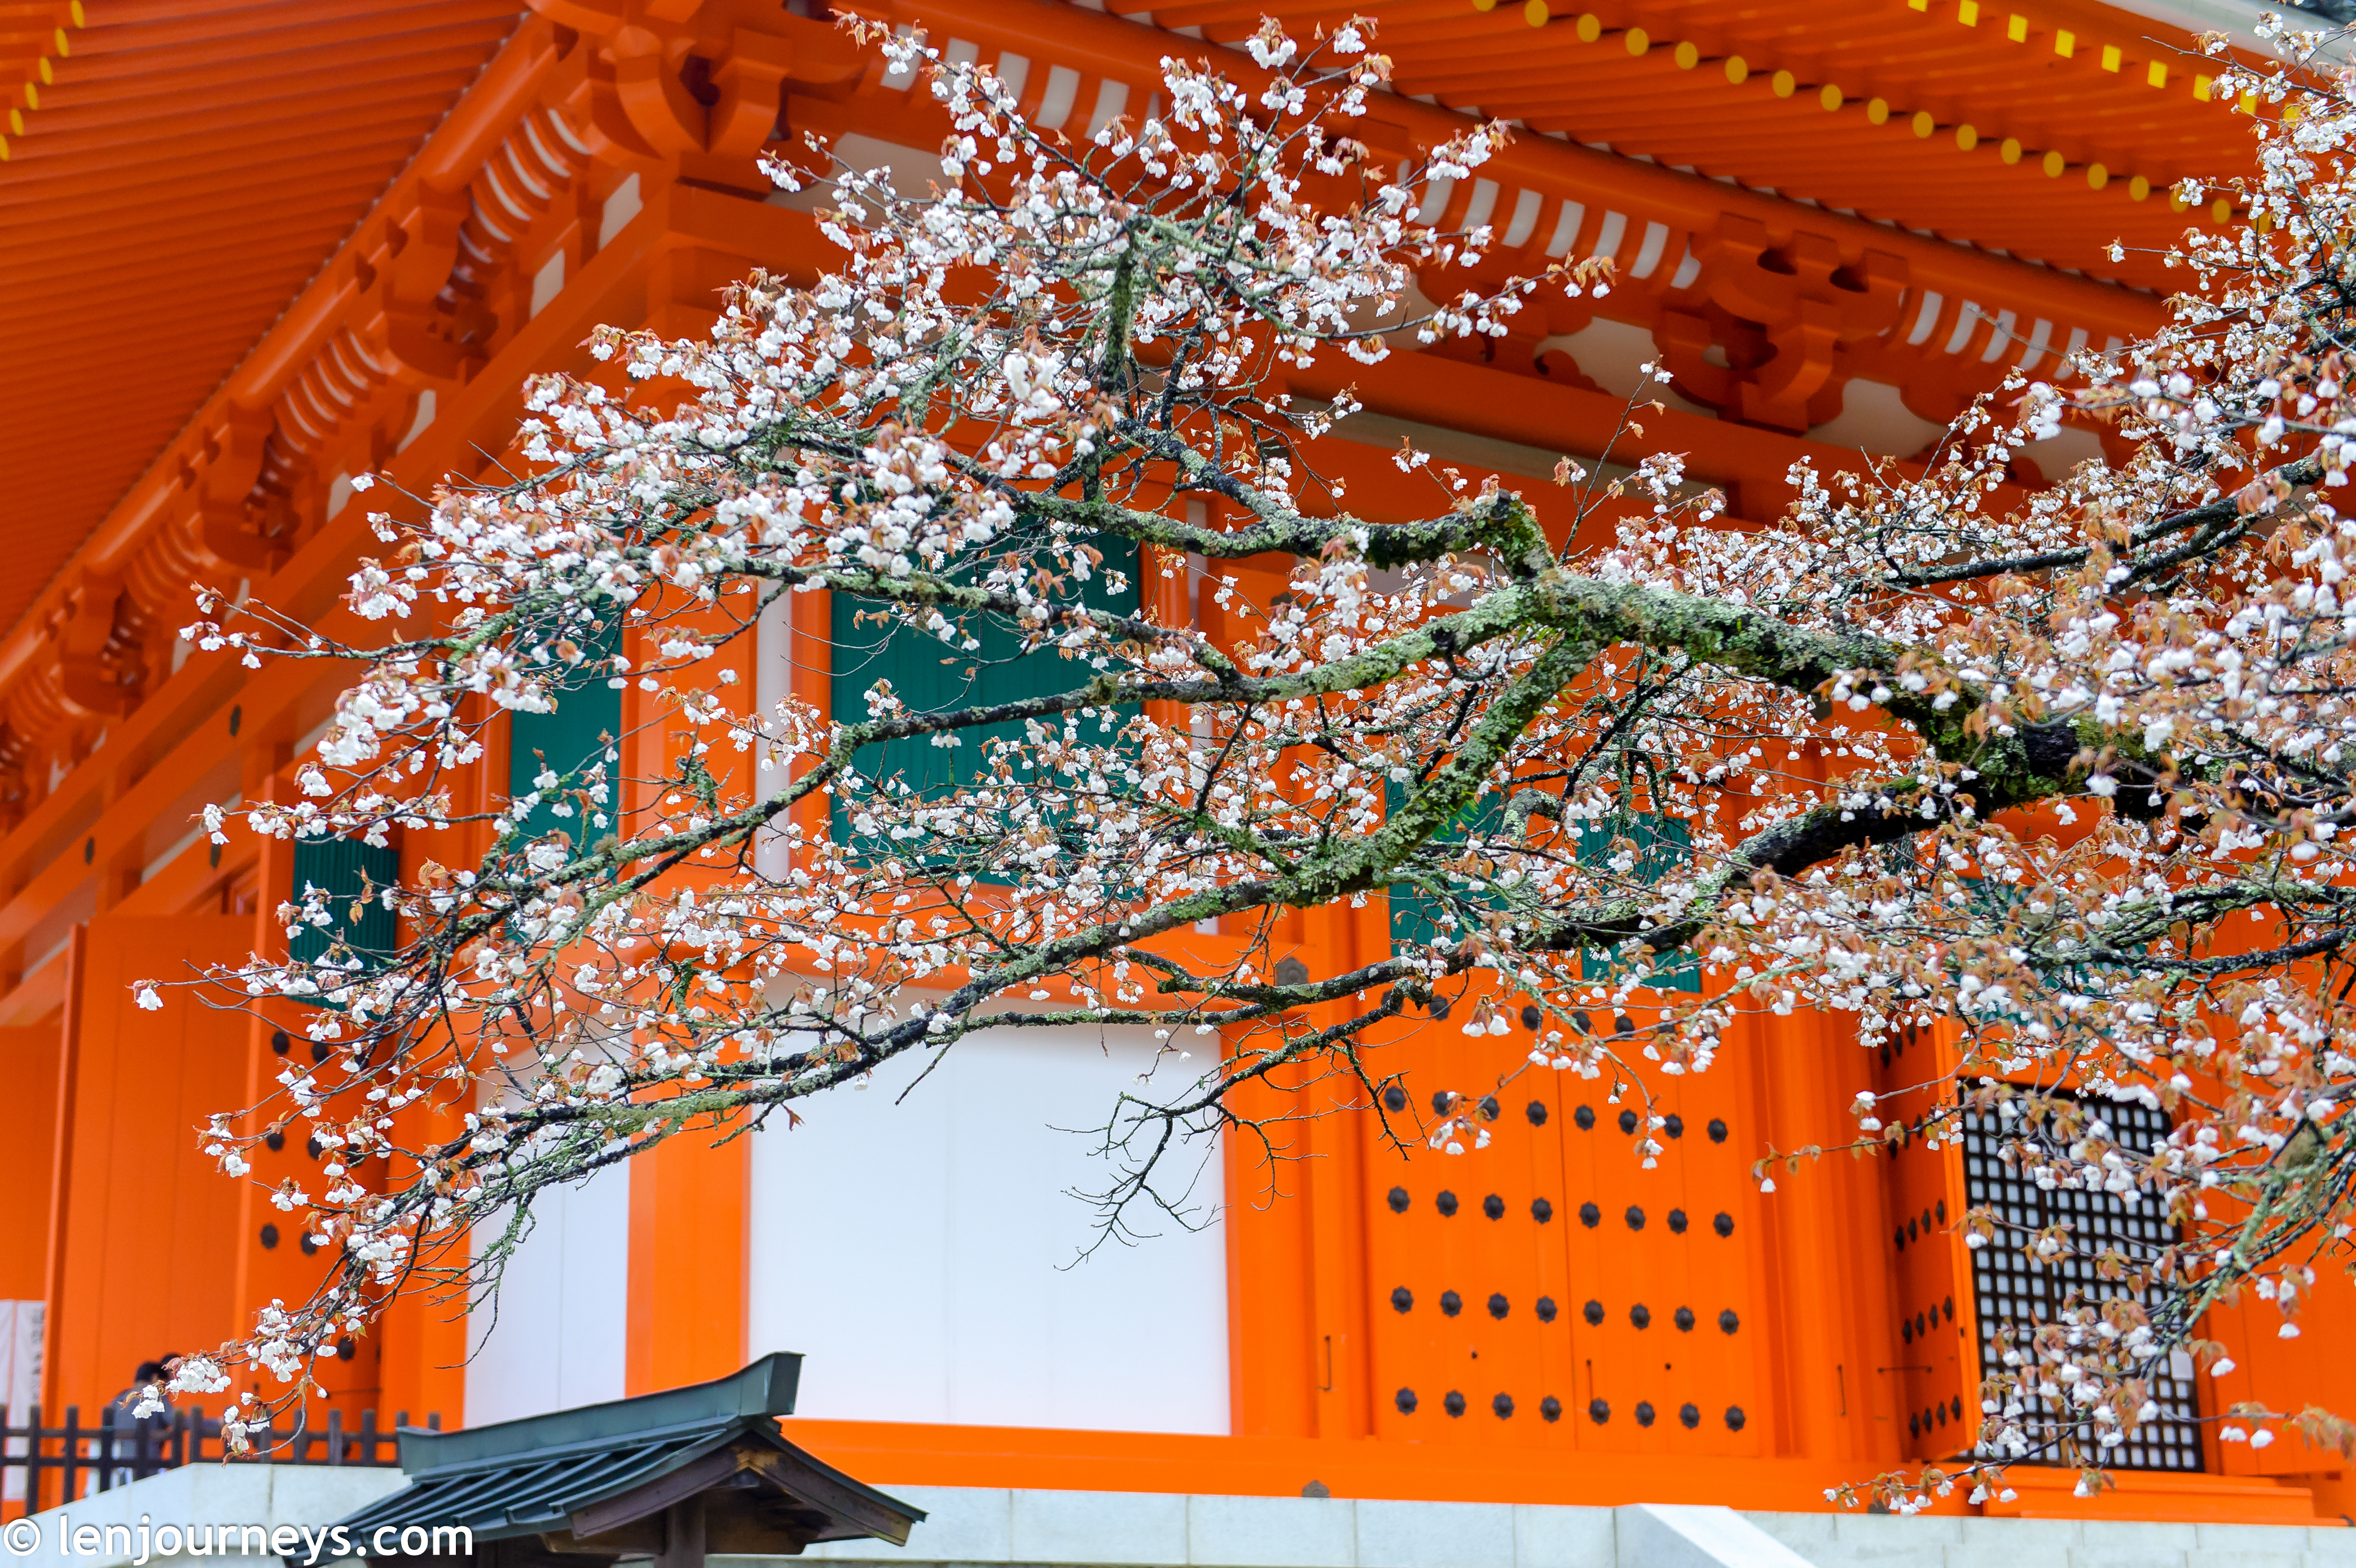 Cherry blossoms at Daito Pagoda